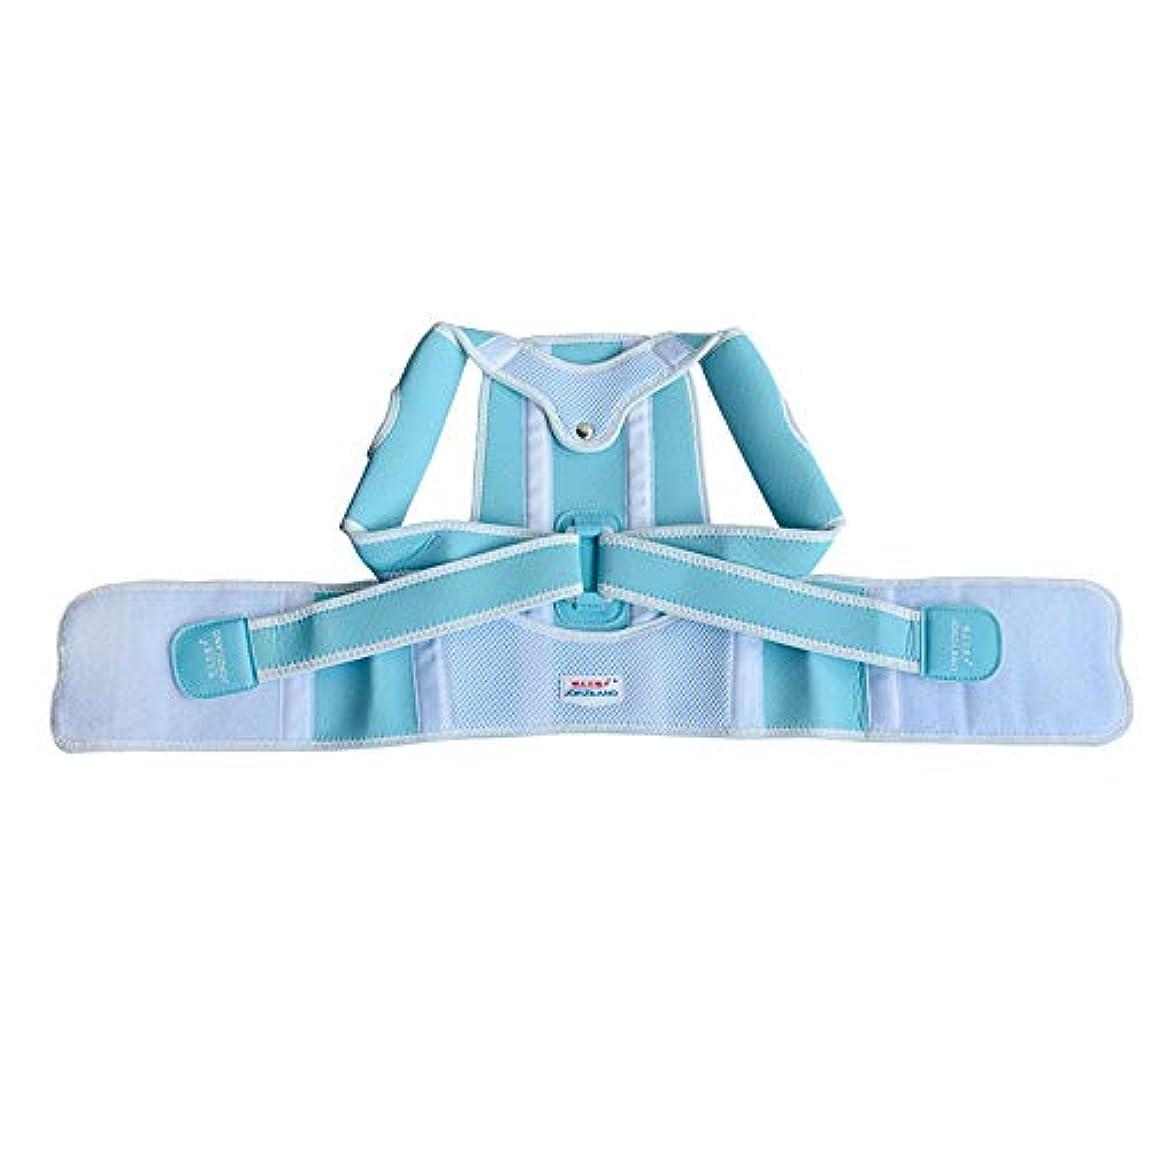 子供、青年の背部の装具、脊柱後弯症の矯正ベルト、ハンチングを改善し、誤った座位姿勢を修正します。